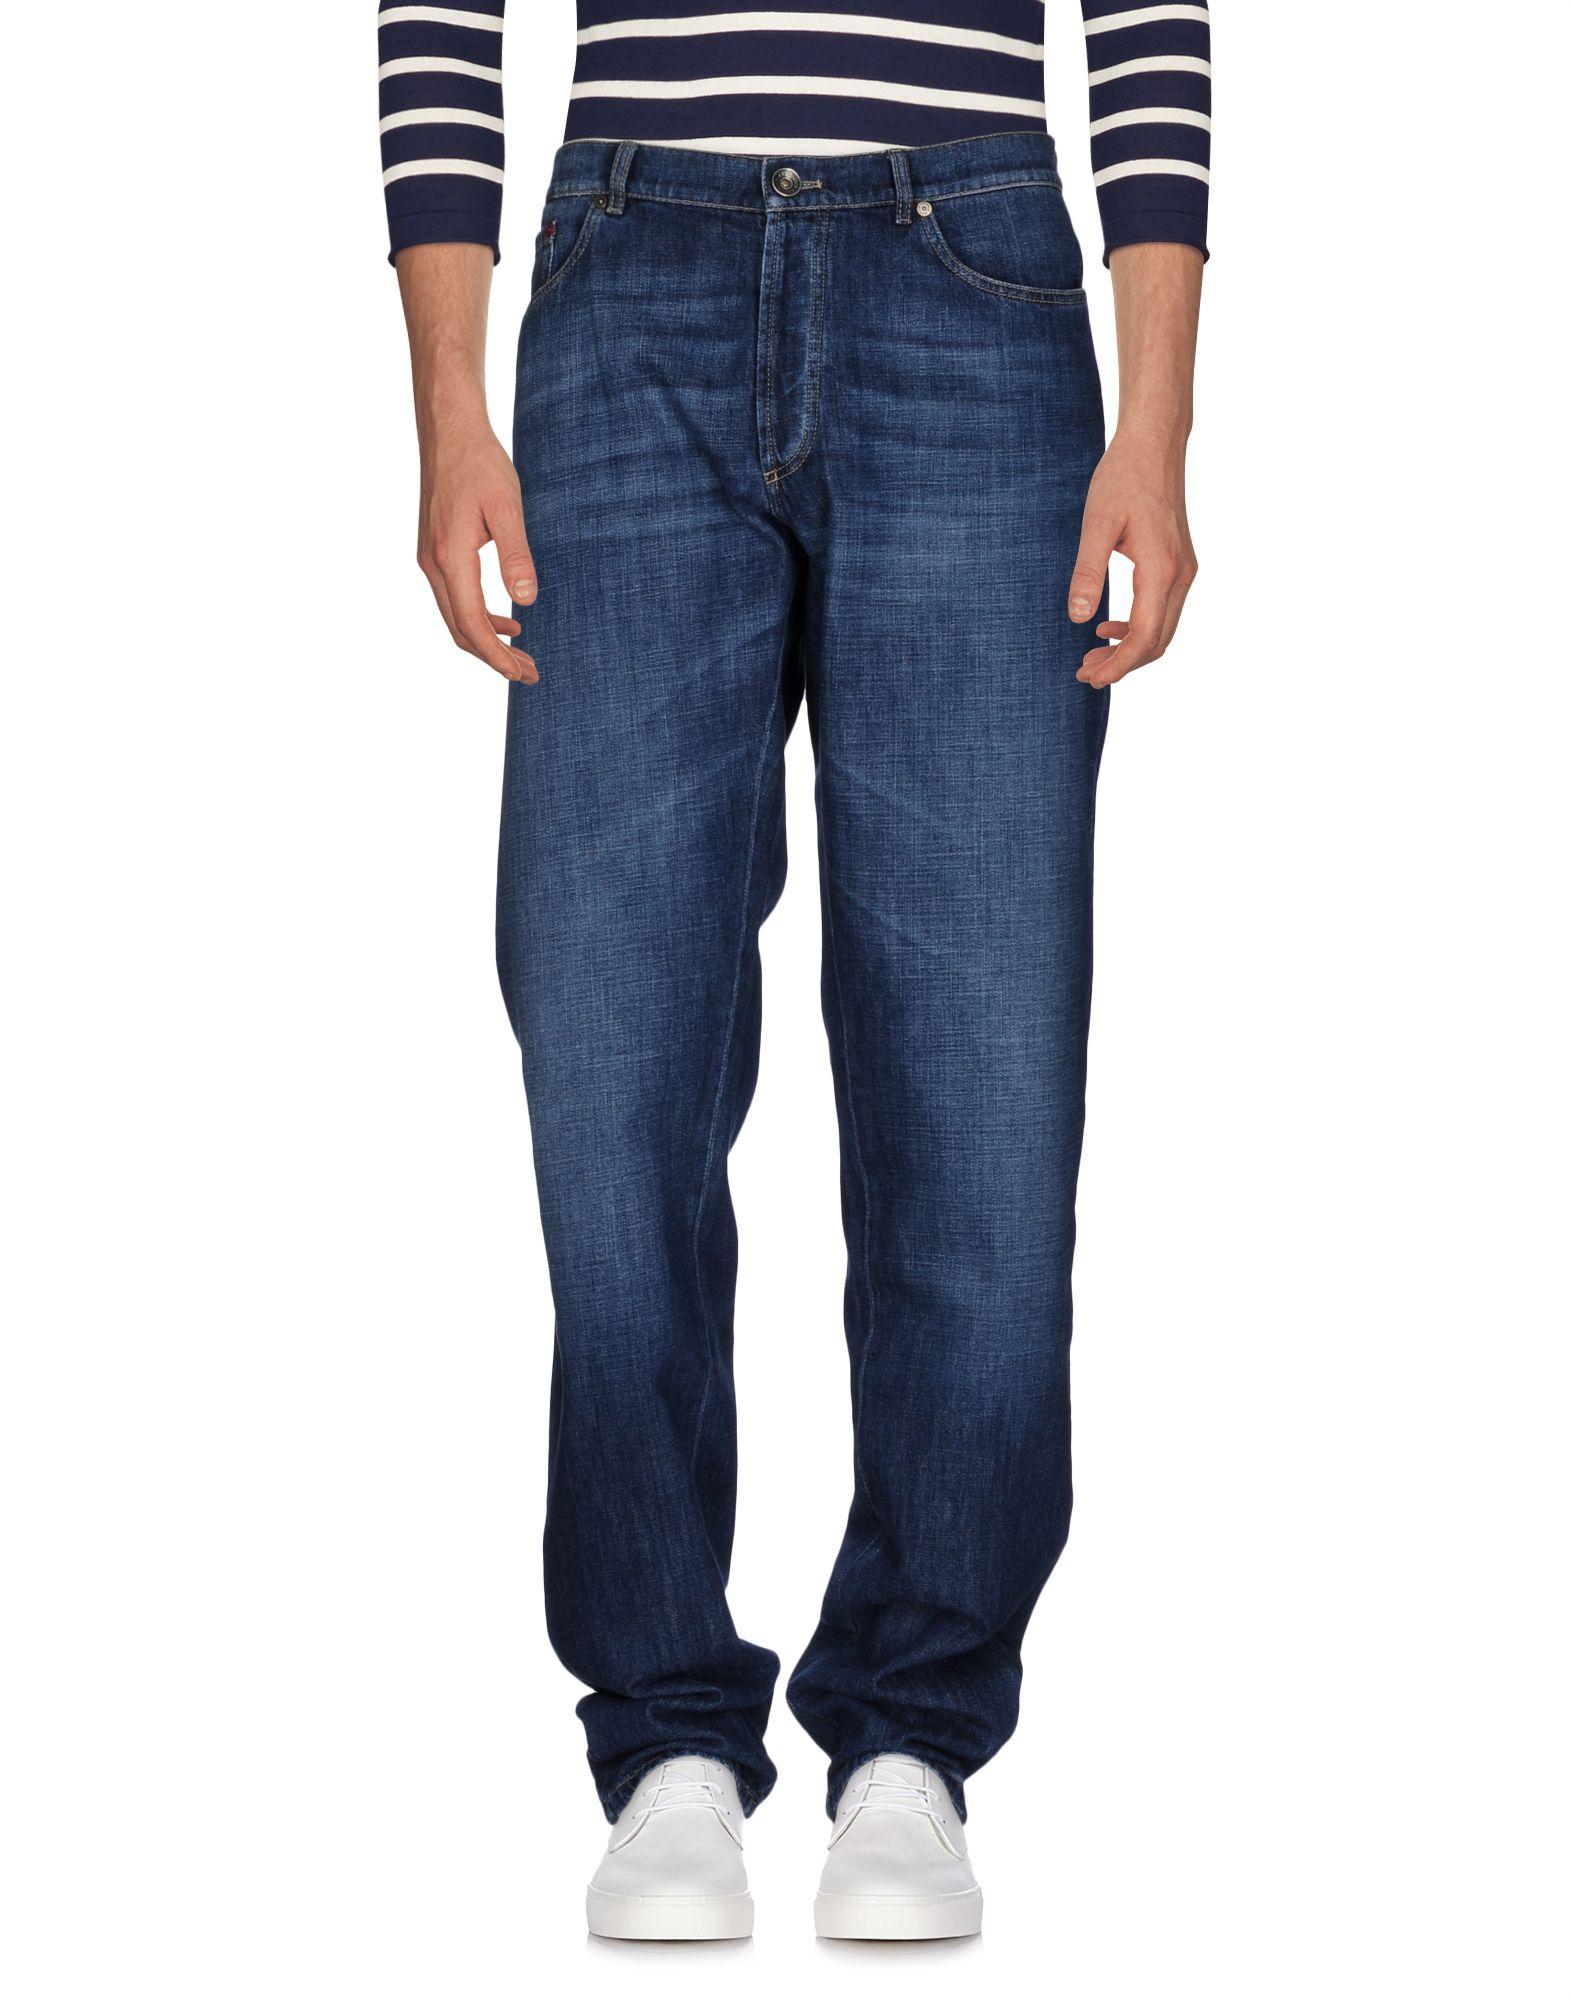 Pantaloni Jeans Brunello Cucinelli Uomo - Acquista online su